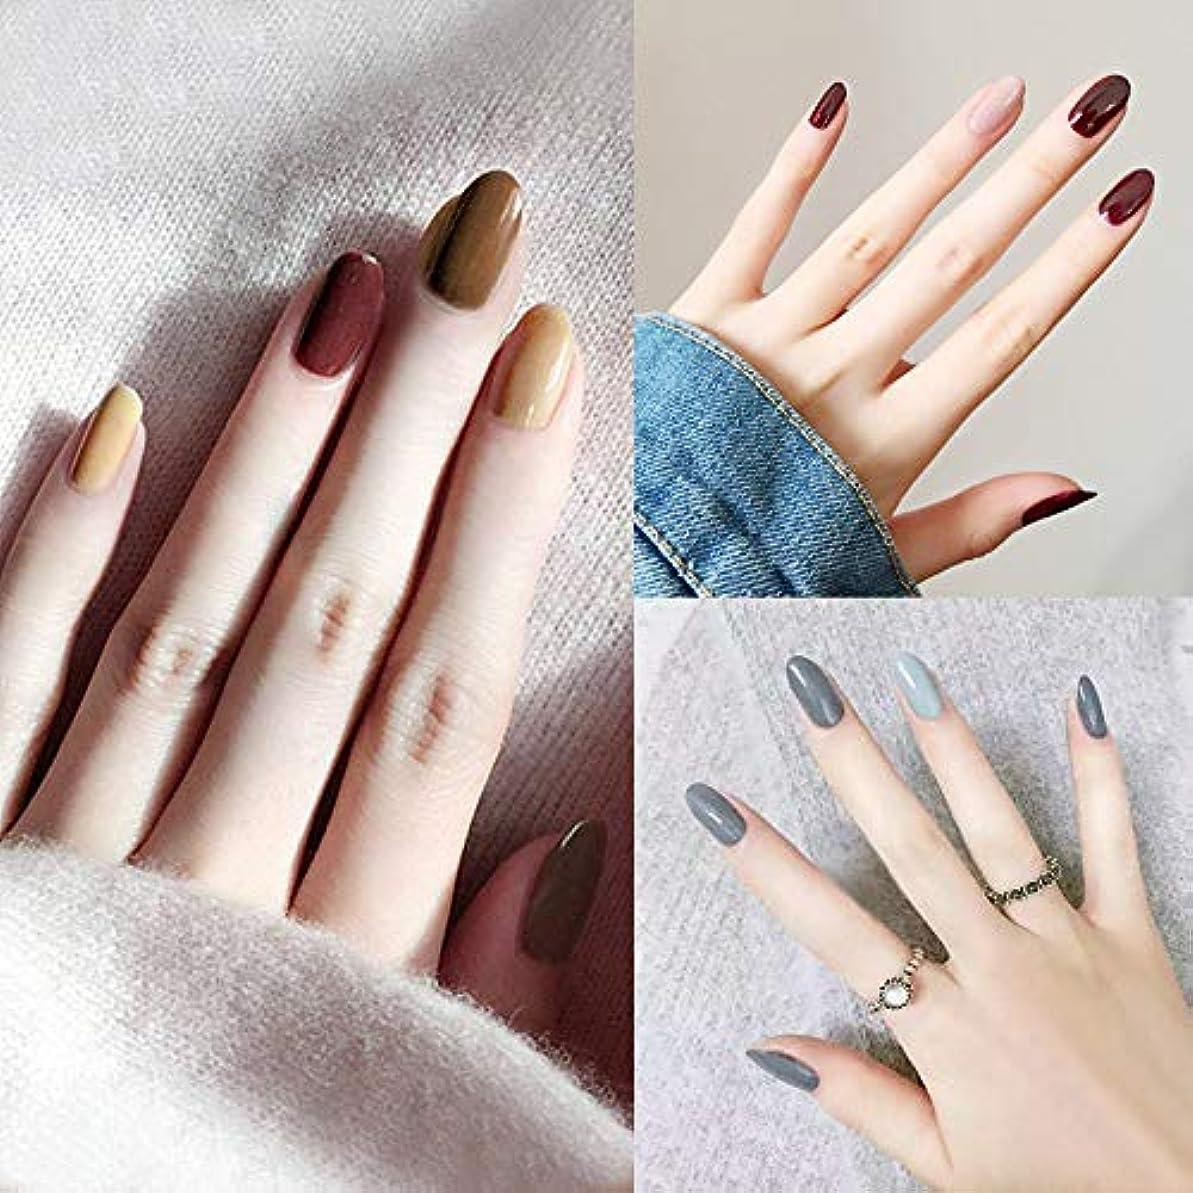 プロジェクターミンチ発行するファッションレッドクリームインクハリスタイル偽爪純粋な色偽爪24ピースフルブライダルネイルのヒント滑らかな指装飾のヒント接着剤付き人工爪